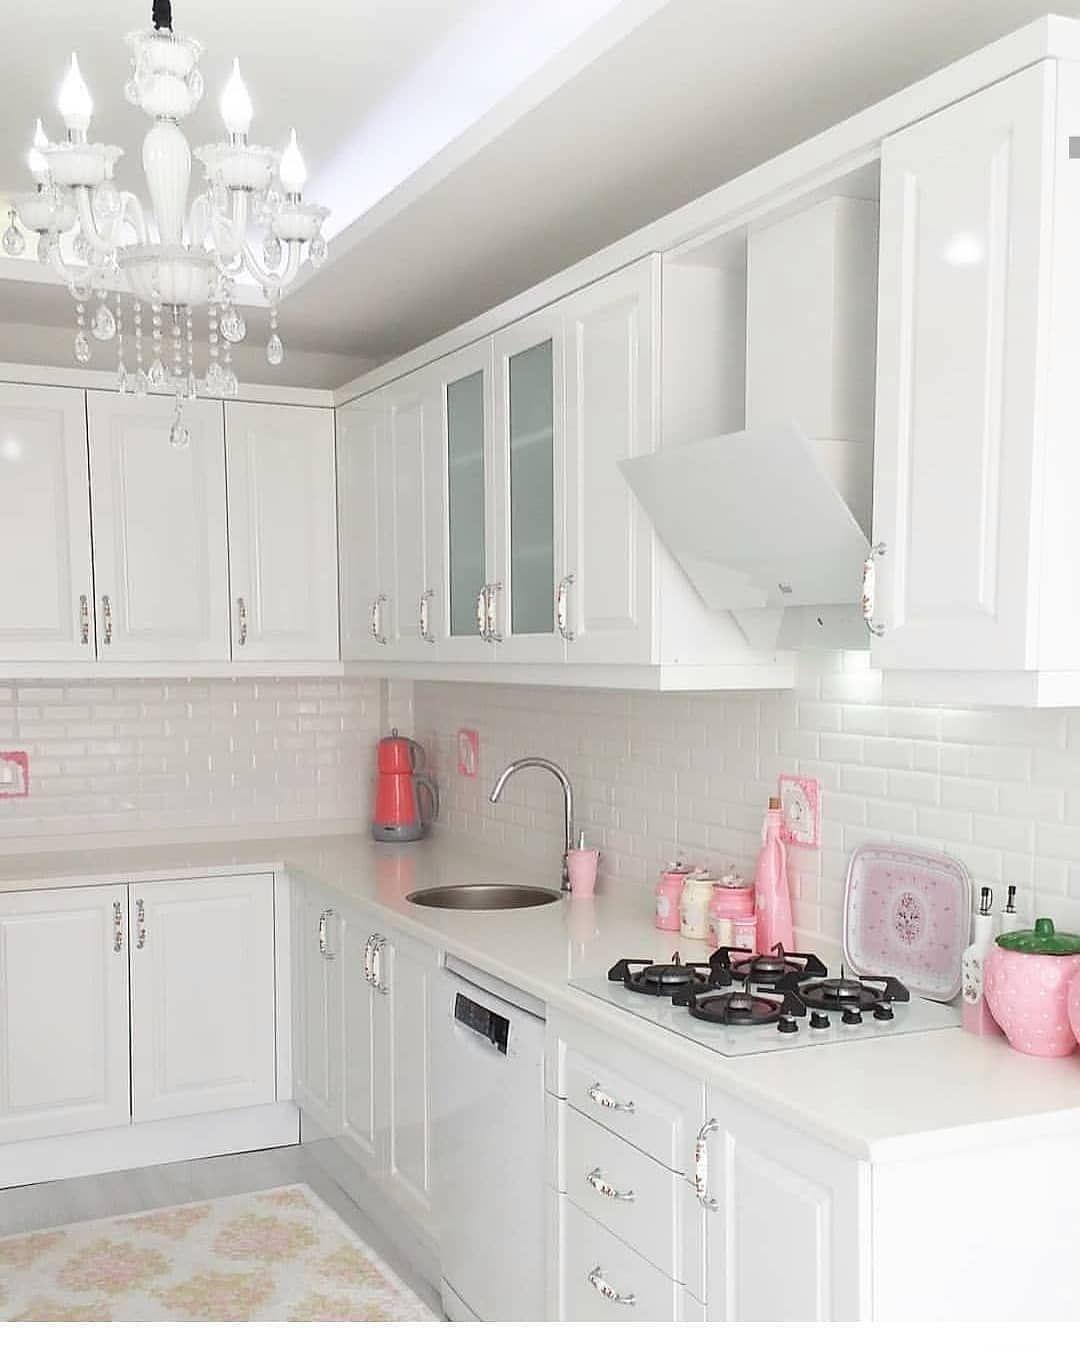 Gluckliche Tage Moge Allah Jedem Mehr Schonheit Gewahren 1 2 3 4 5 Mutfak Beyaz Mutfaklar Dekorasyon